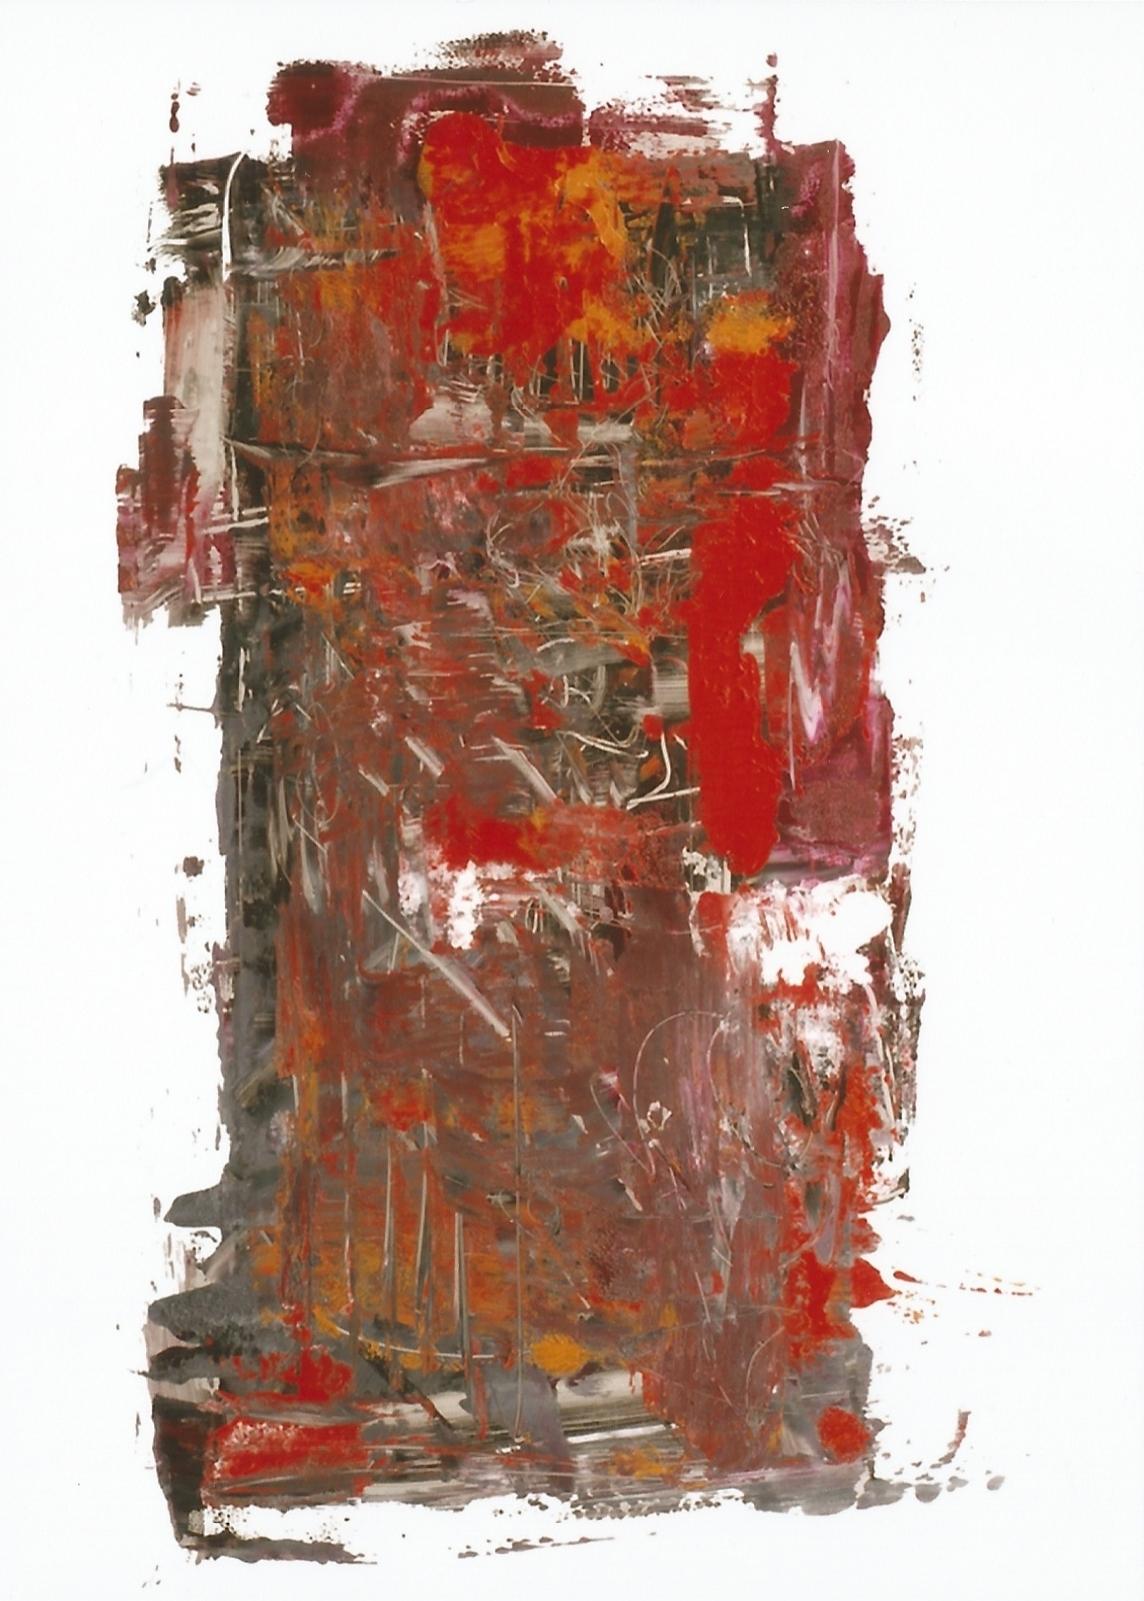 LLUVIA DE RUBI NOCTURNO, 2007 oil on glass, 30 x 30. SOLD